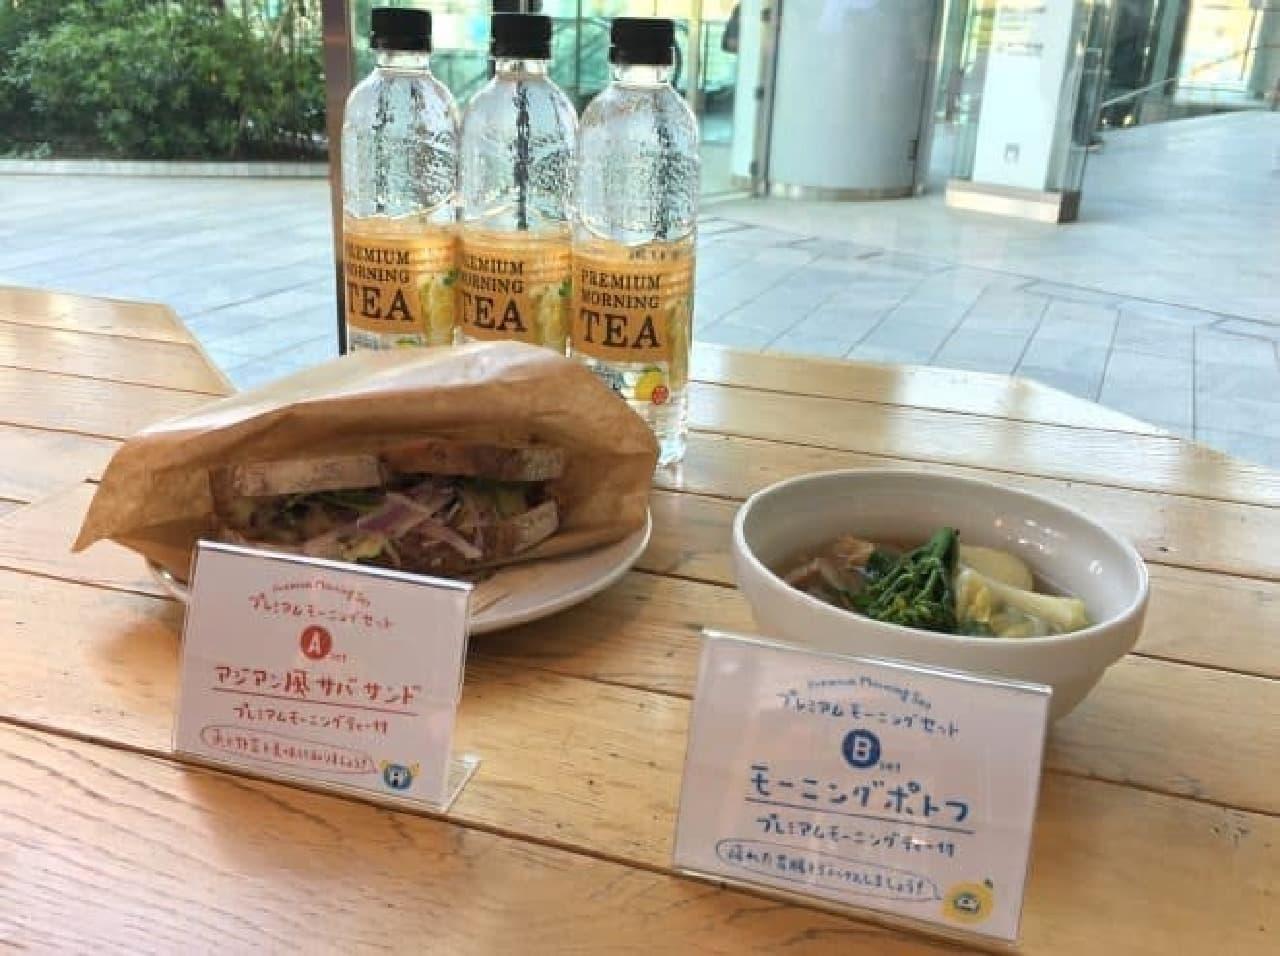 虎ノ門ヒルズカフェ「サントリー天然水 PREMIUM MORNING CAFE(プレミアムモーニングカフェ)」